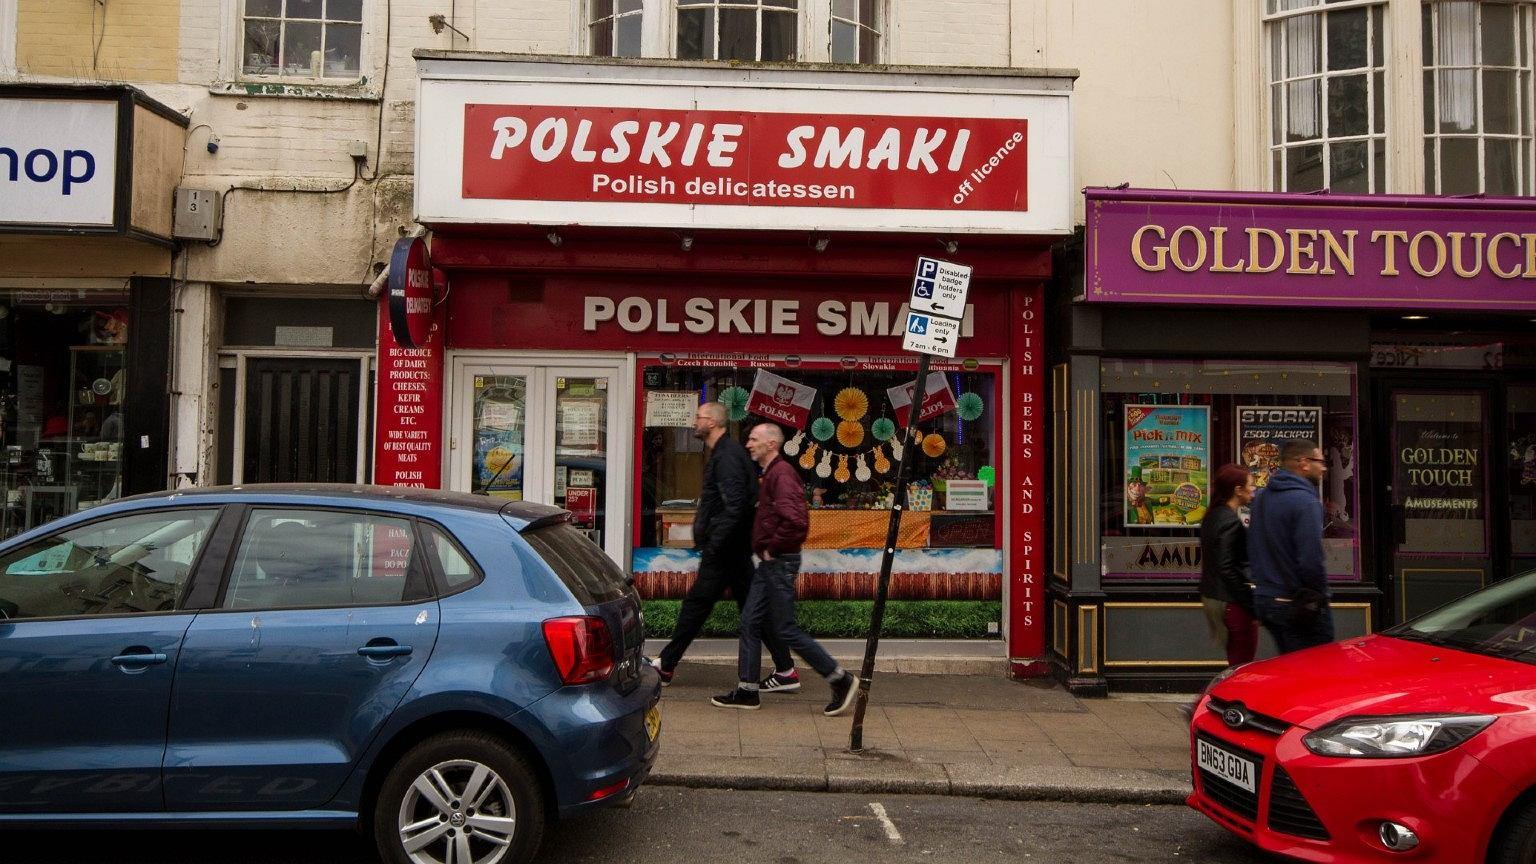 Wielu Polaków wraca z Wielkiej Brytanii do Polski, część po jakimś czasie decyduje się nie zostawać i przenieść się z powrotem na Wyspy